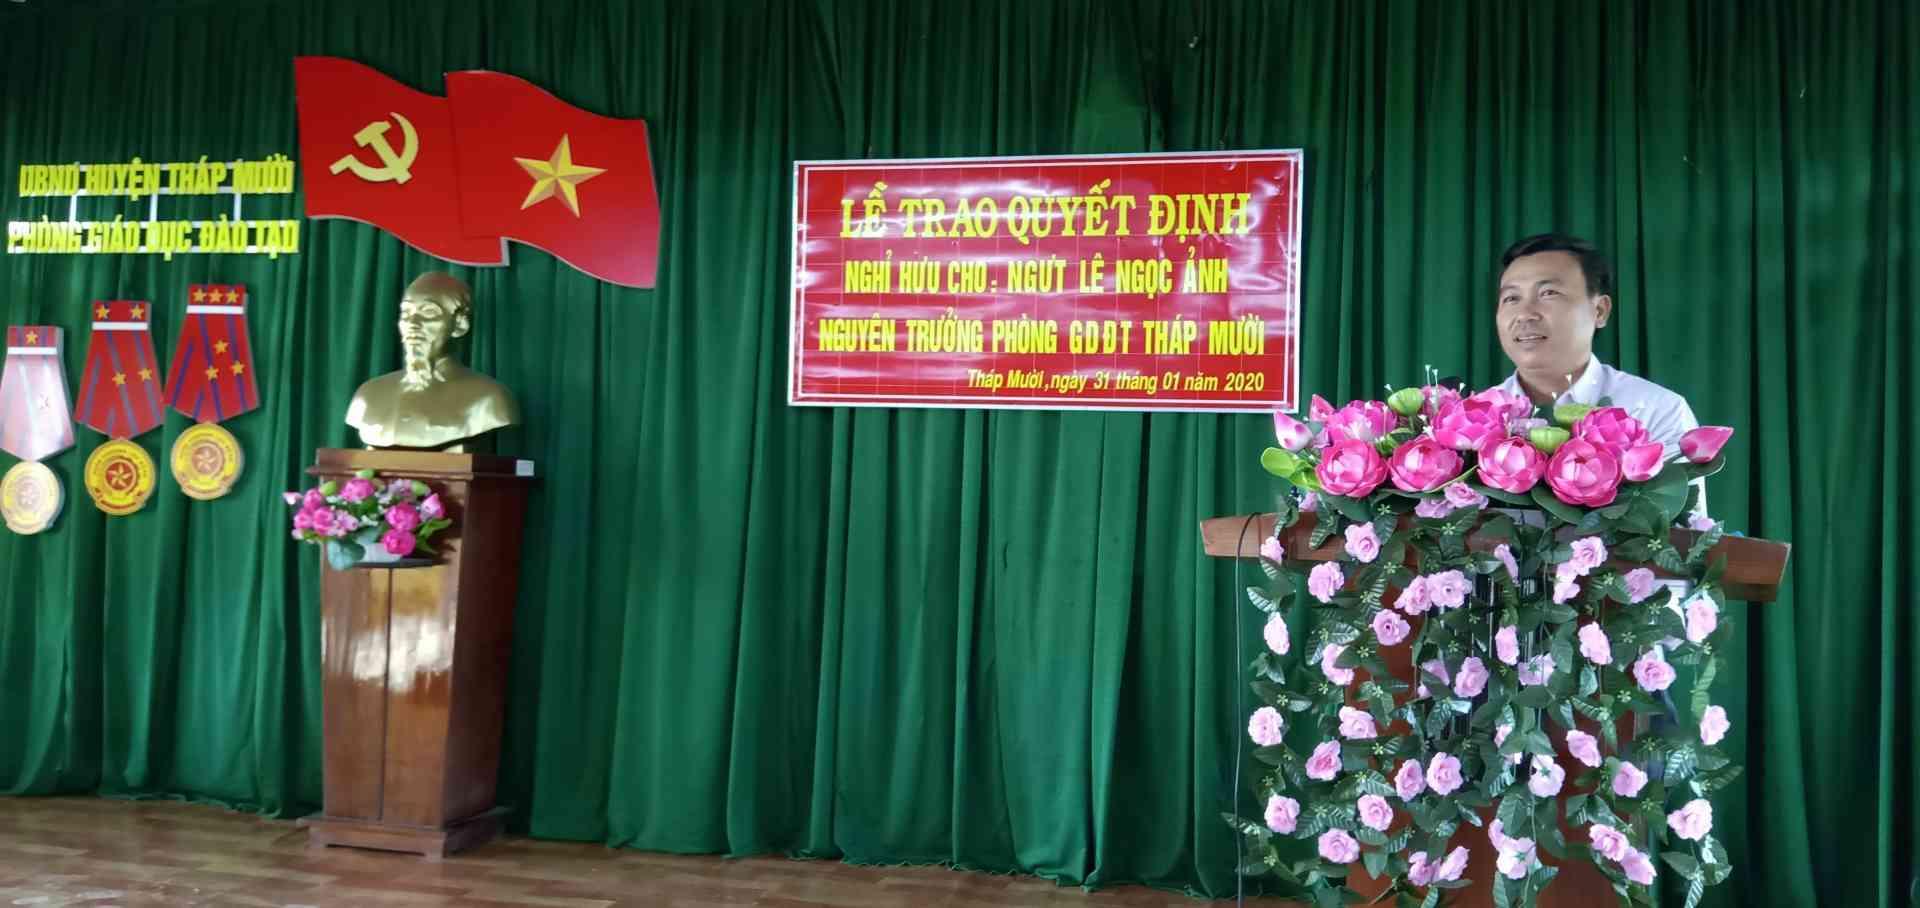 Ông Ngô Thanh Sang, PTP phát biểu